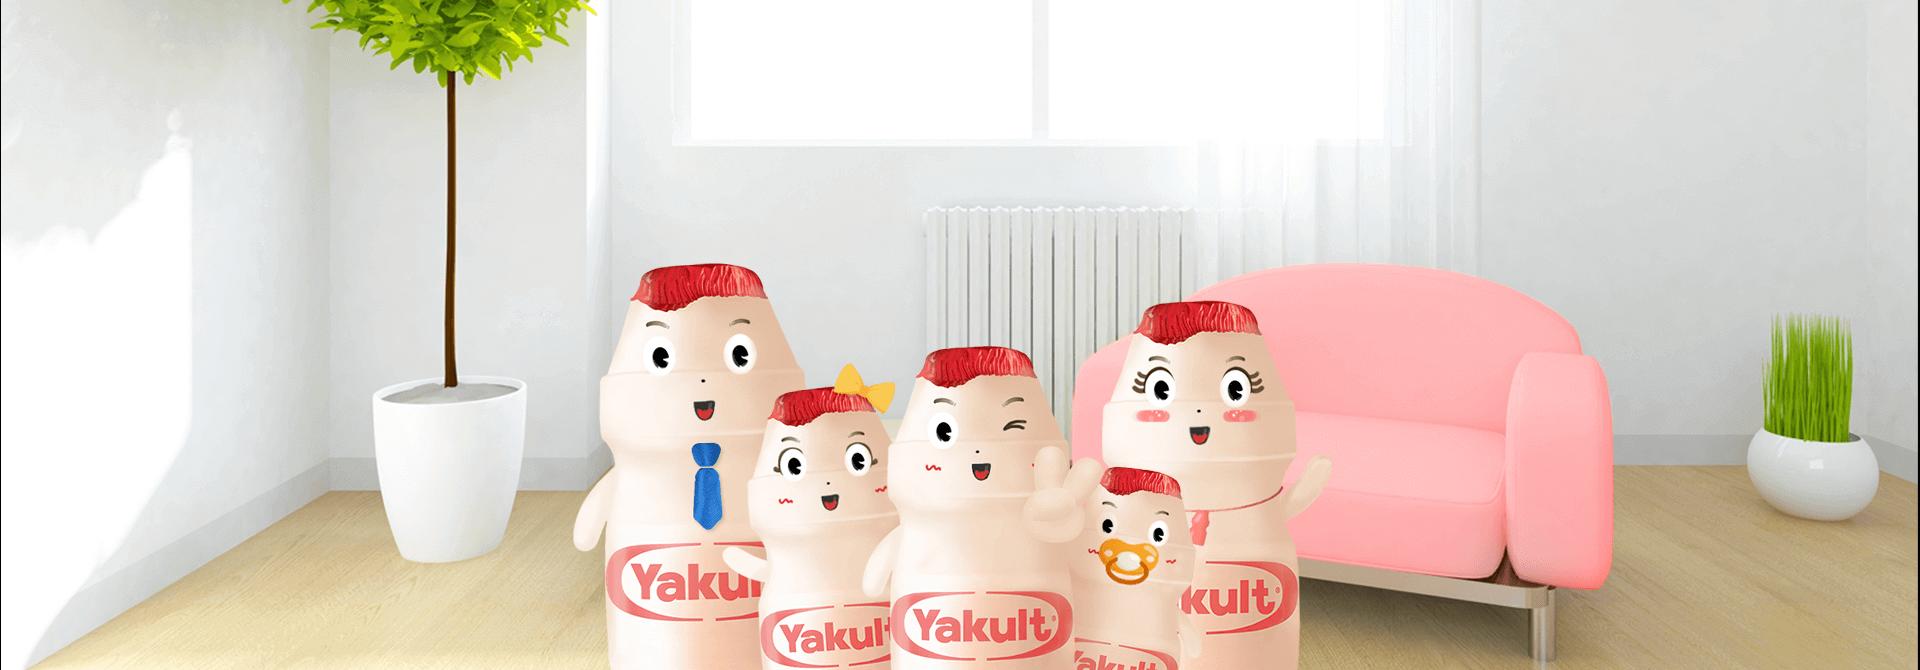 Sức khỏe cho cả gia đình cùng Yakult